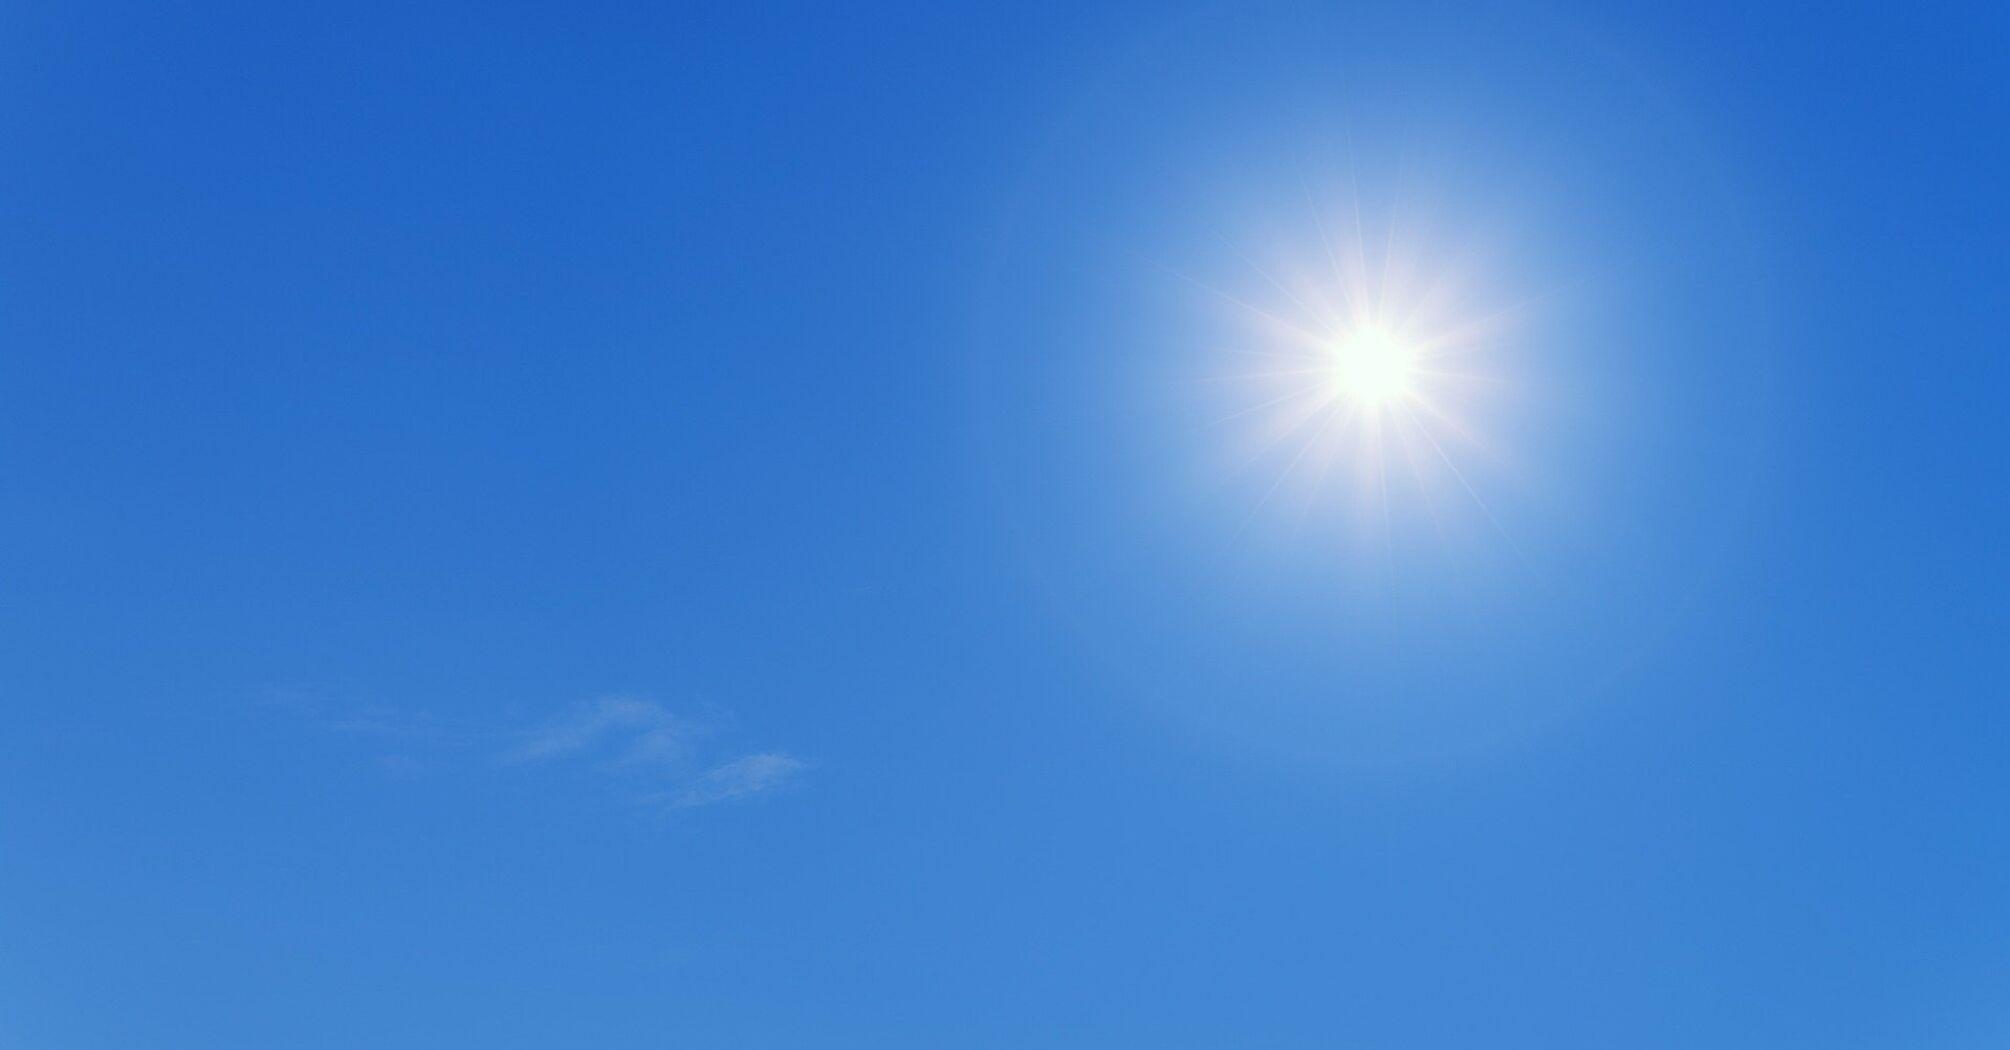 В Украине на выходных будет жара до +35: синоптик рассказала, когда похолодает